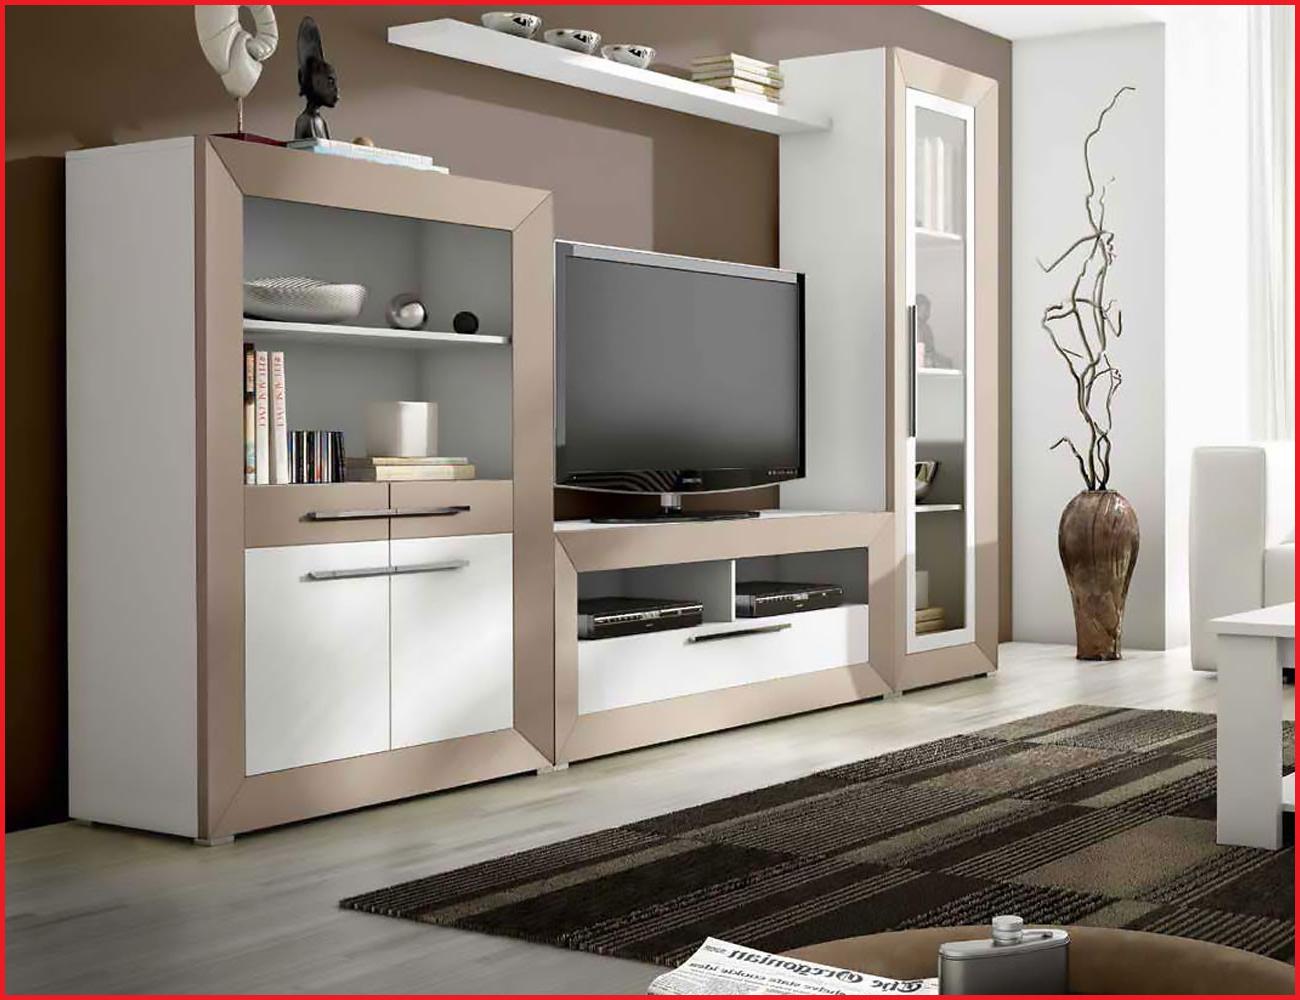 Muebles Salon Blanco Y Madera S1du Muebles De Madera Maciza Para Salon Mueble Salon Blanco